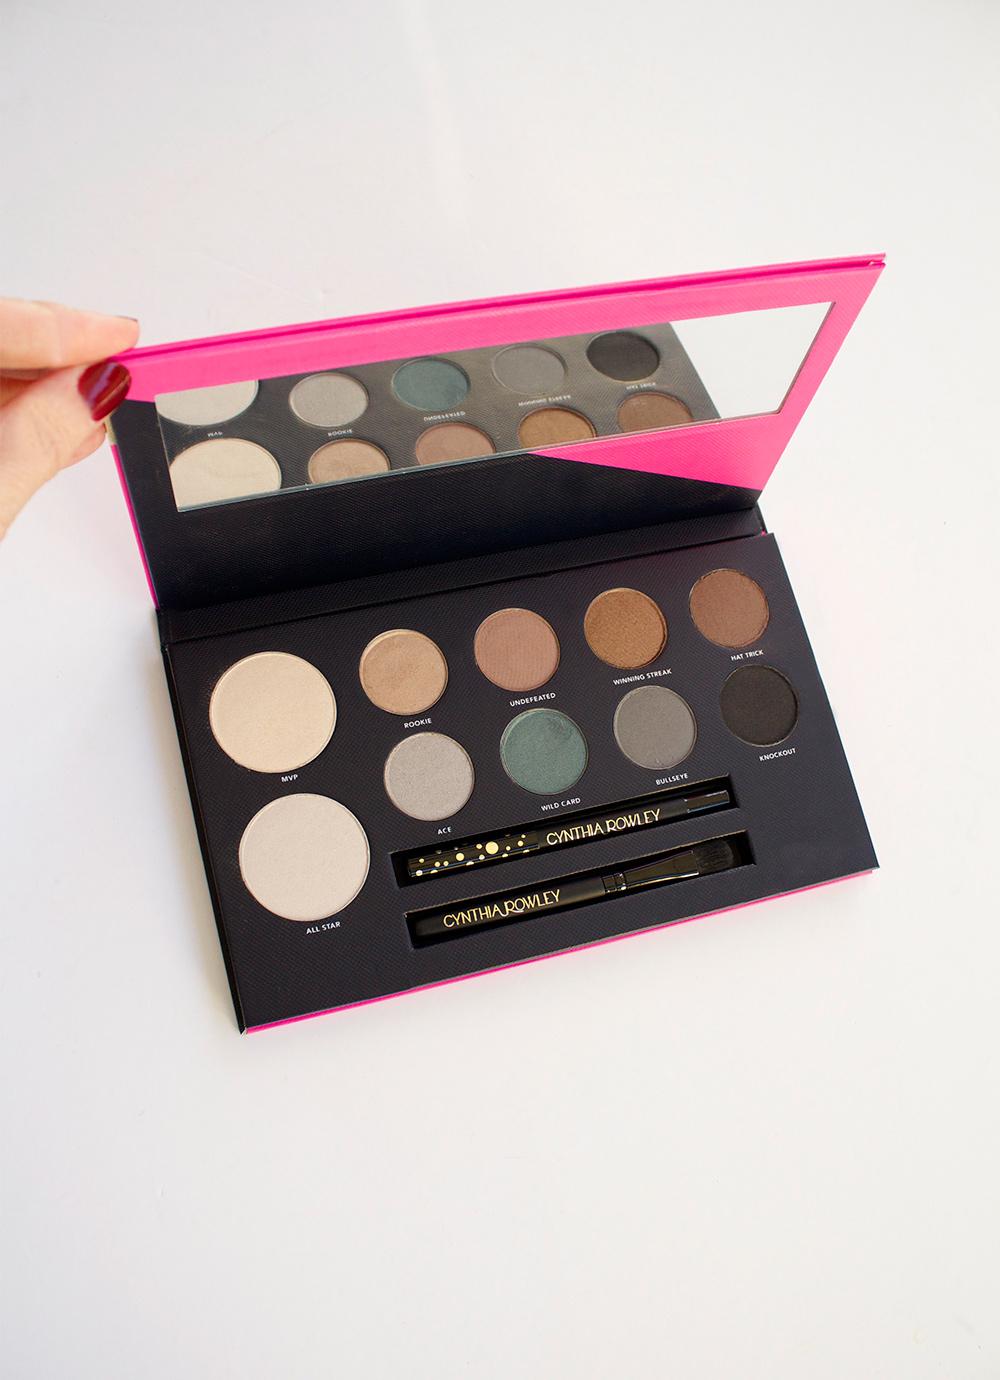 Cynthia-Rowley-Eyeshadoe-kit